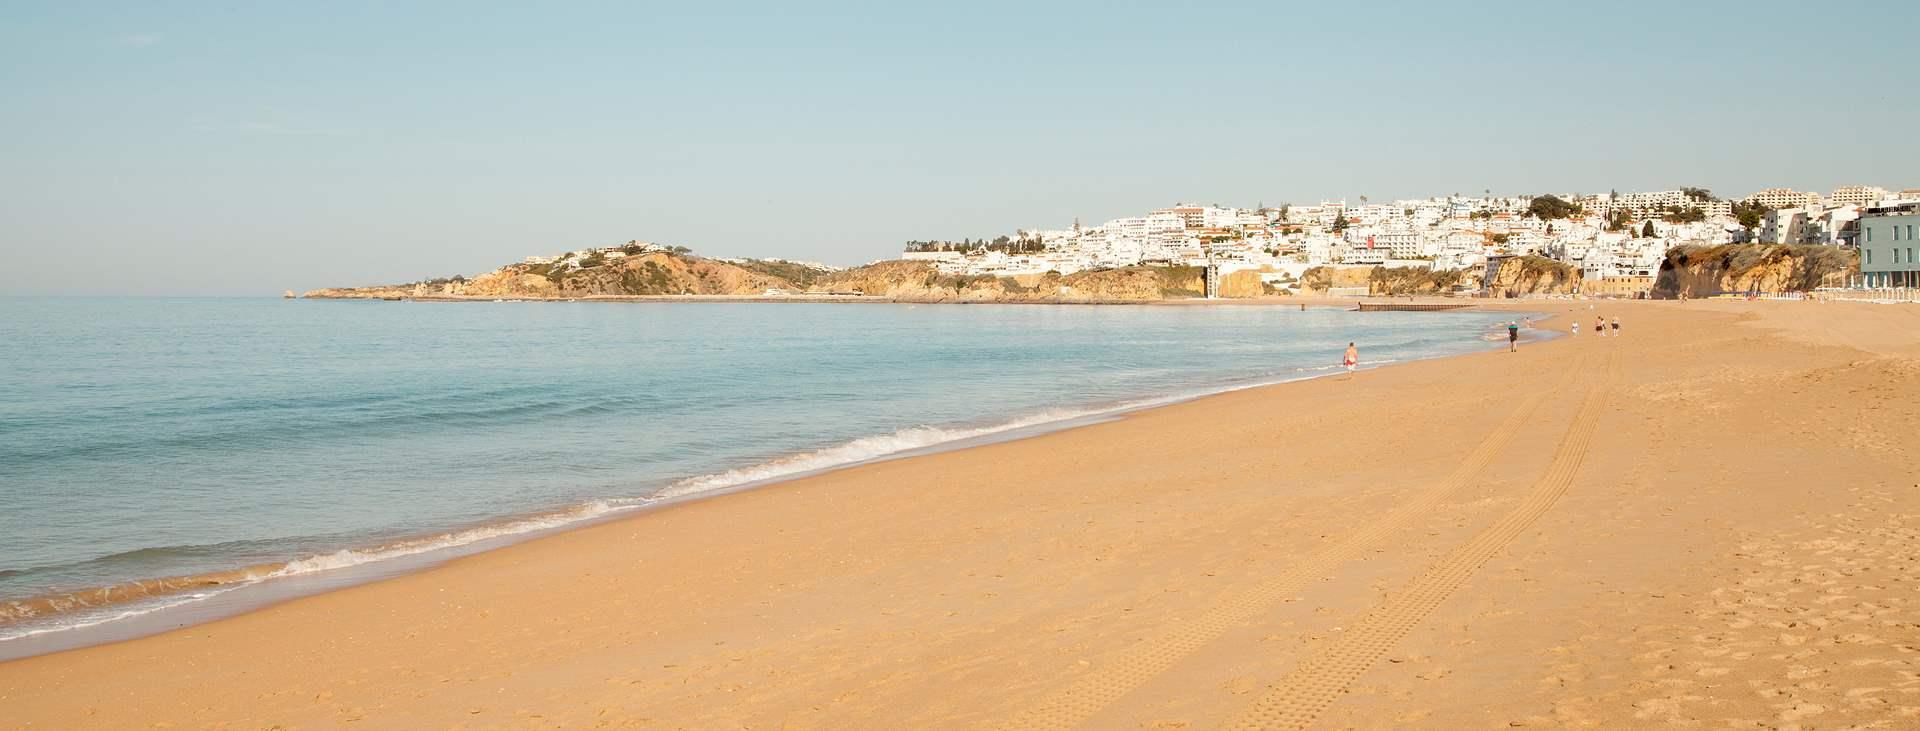 Bestill en reise til Albufeira på Algarvekysten med Ving